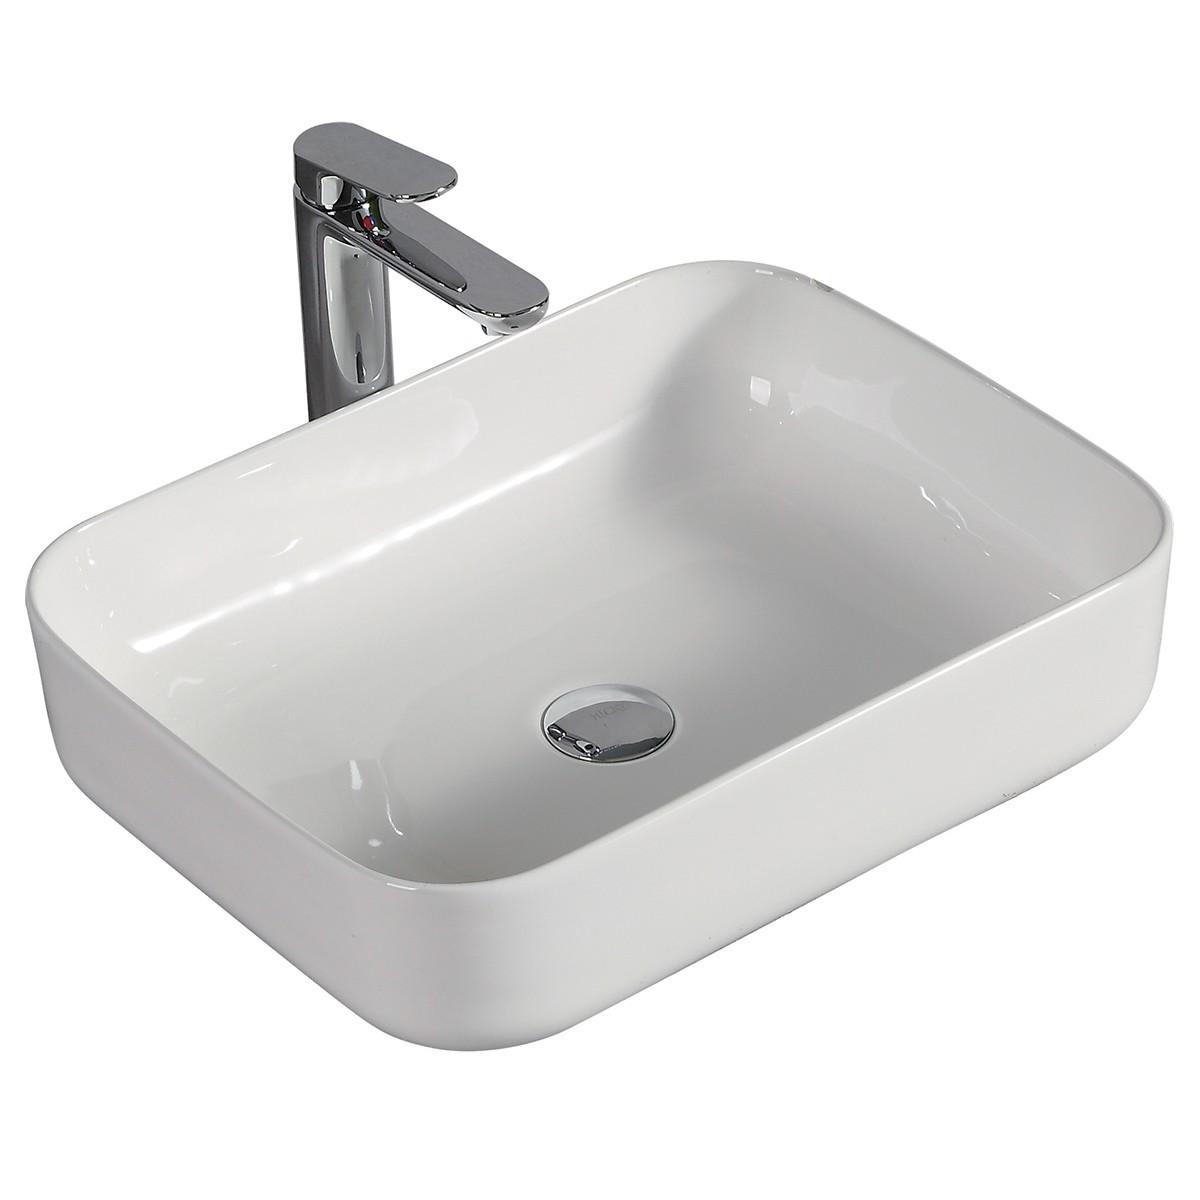 Lavandino bianco lucido di design 51X39